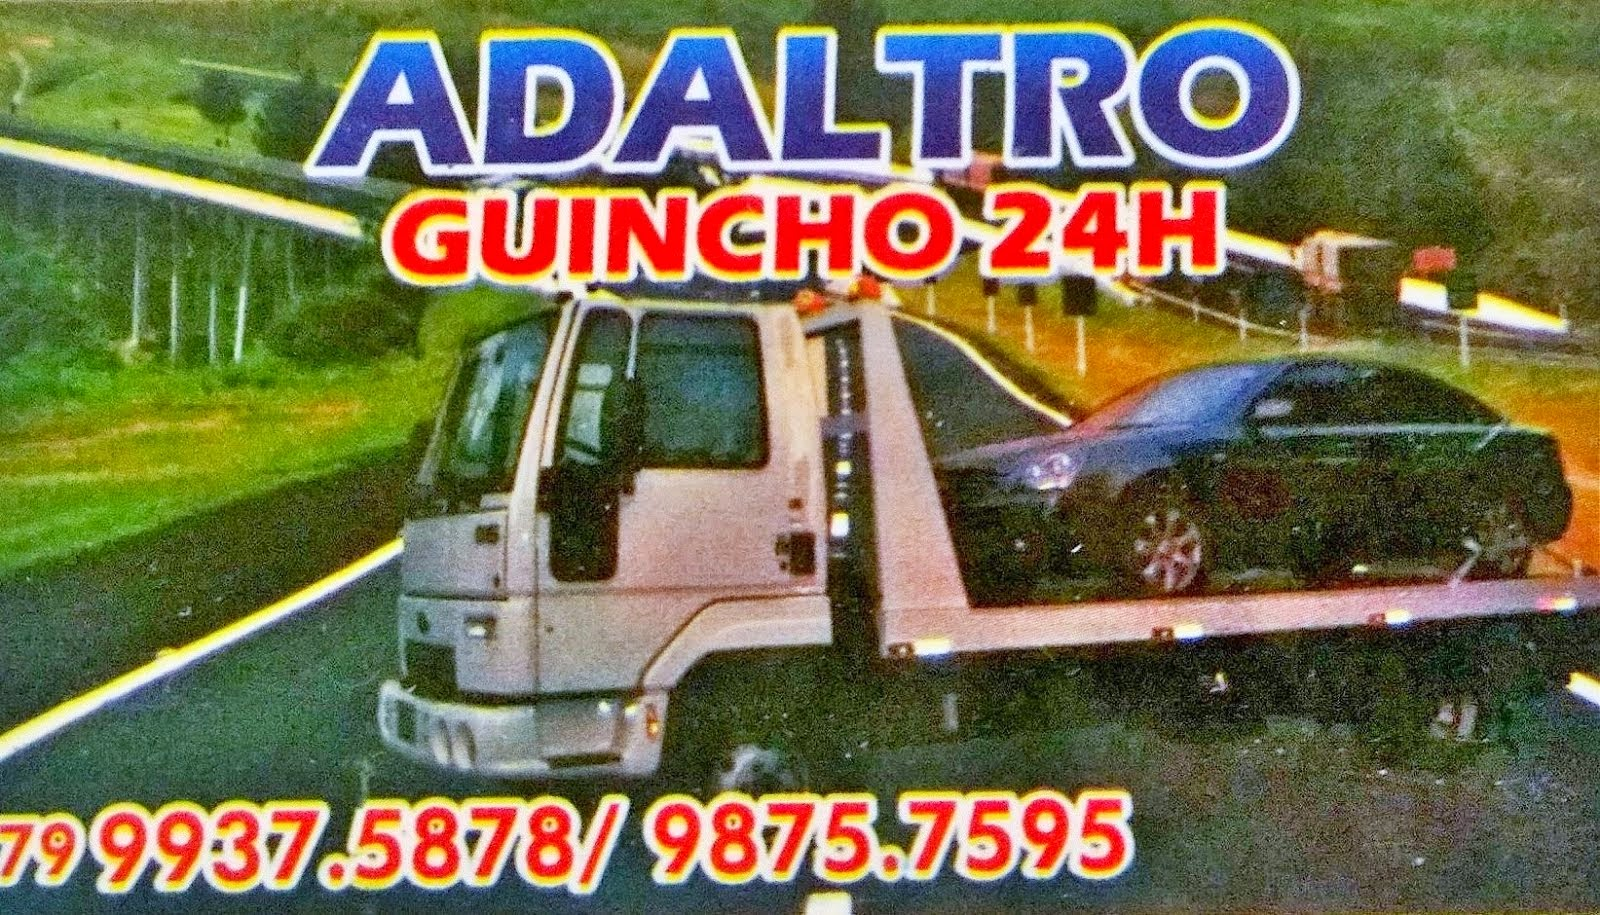 ADALTRO GUINCHO 24 HORAS - ROSÁRIO